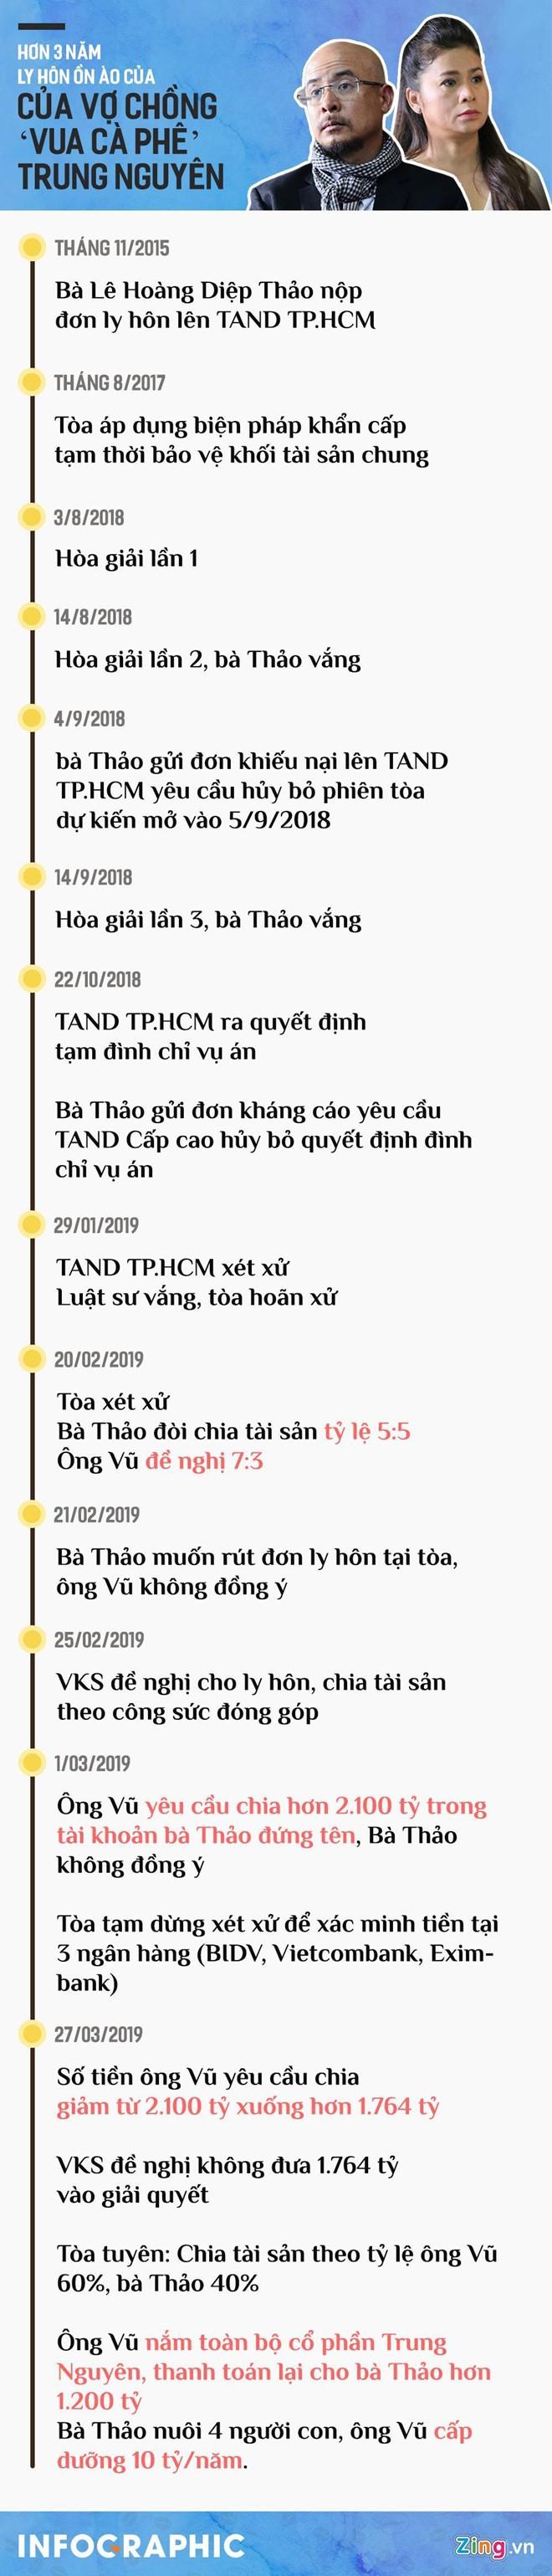 Ba Le Hoang Diep Thao gui don keu cuu toi Chu tich nuoc